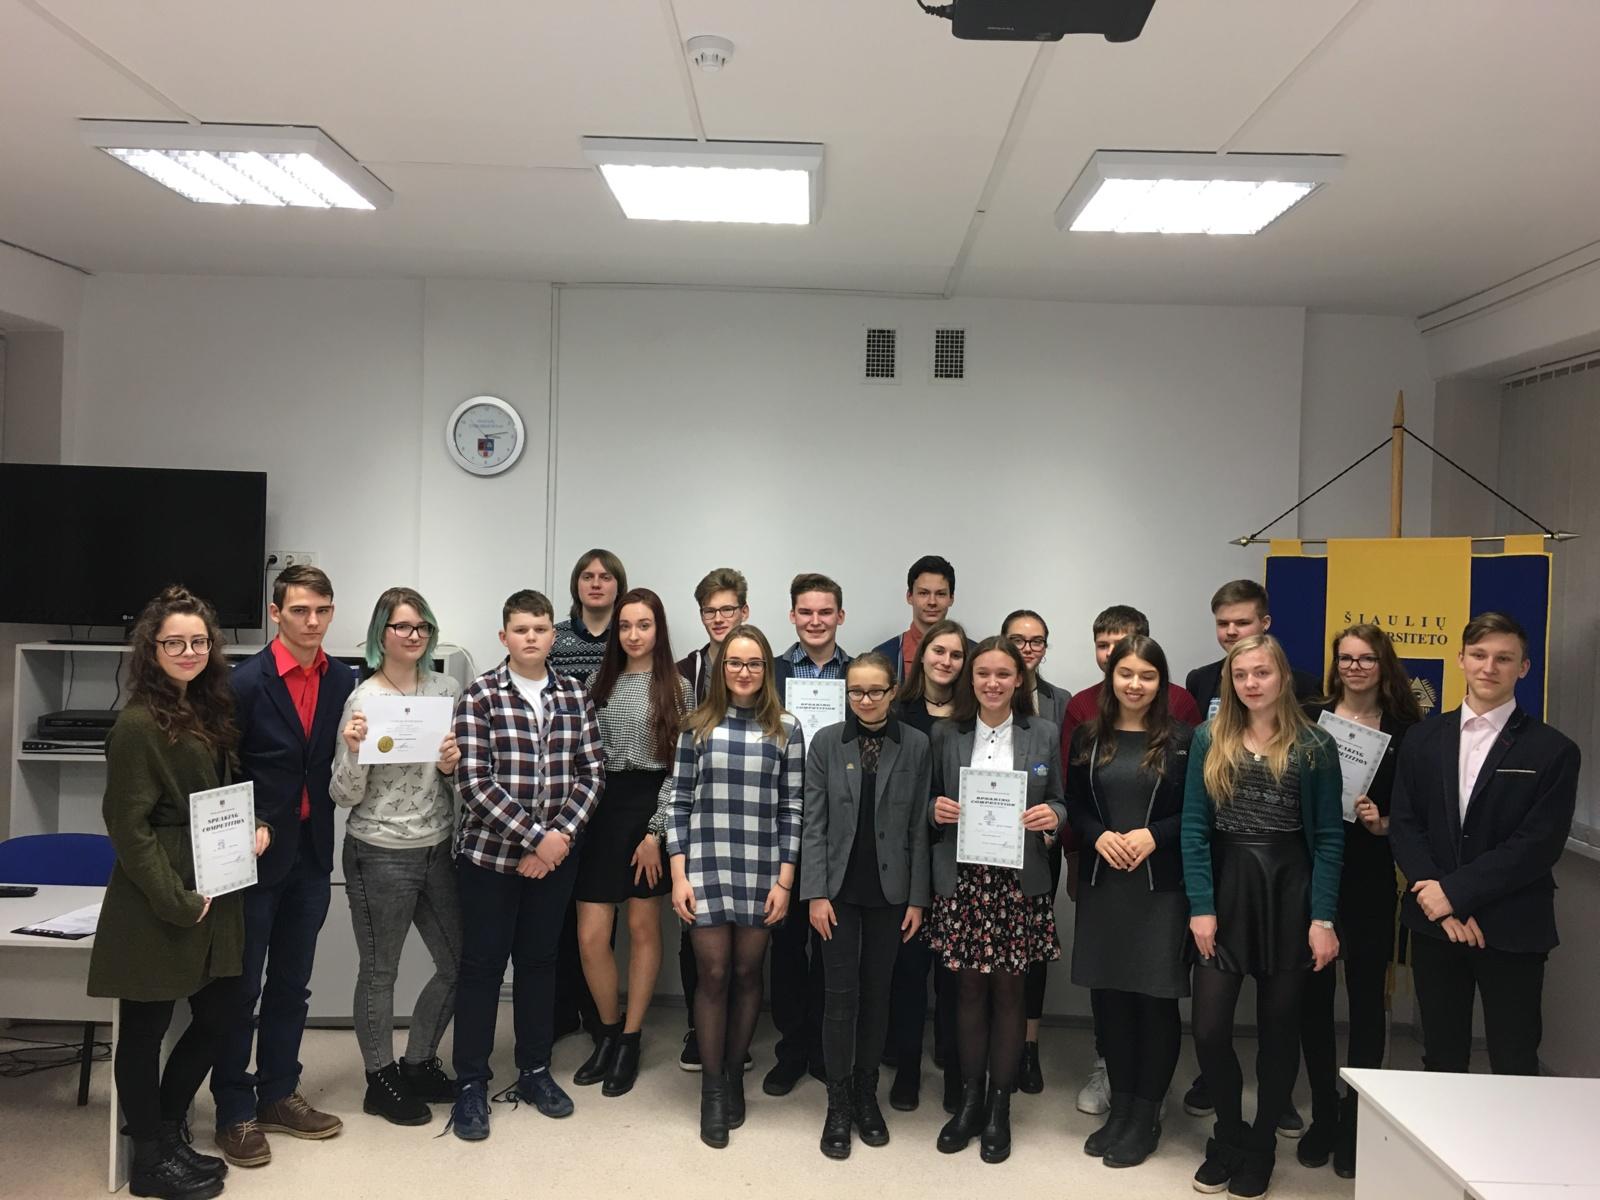 Oratorinio meno konkursas anglų kalba ŠU gimnazijoje